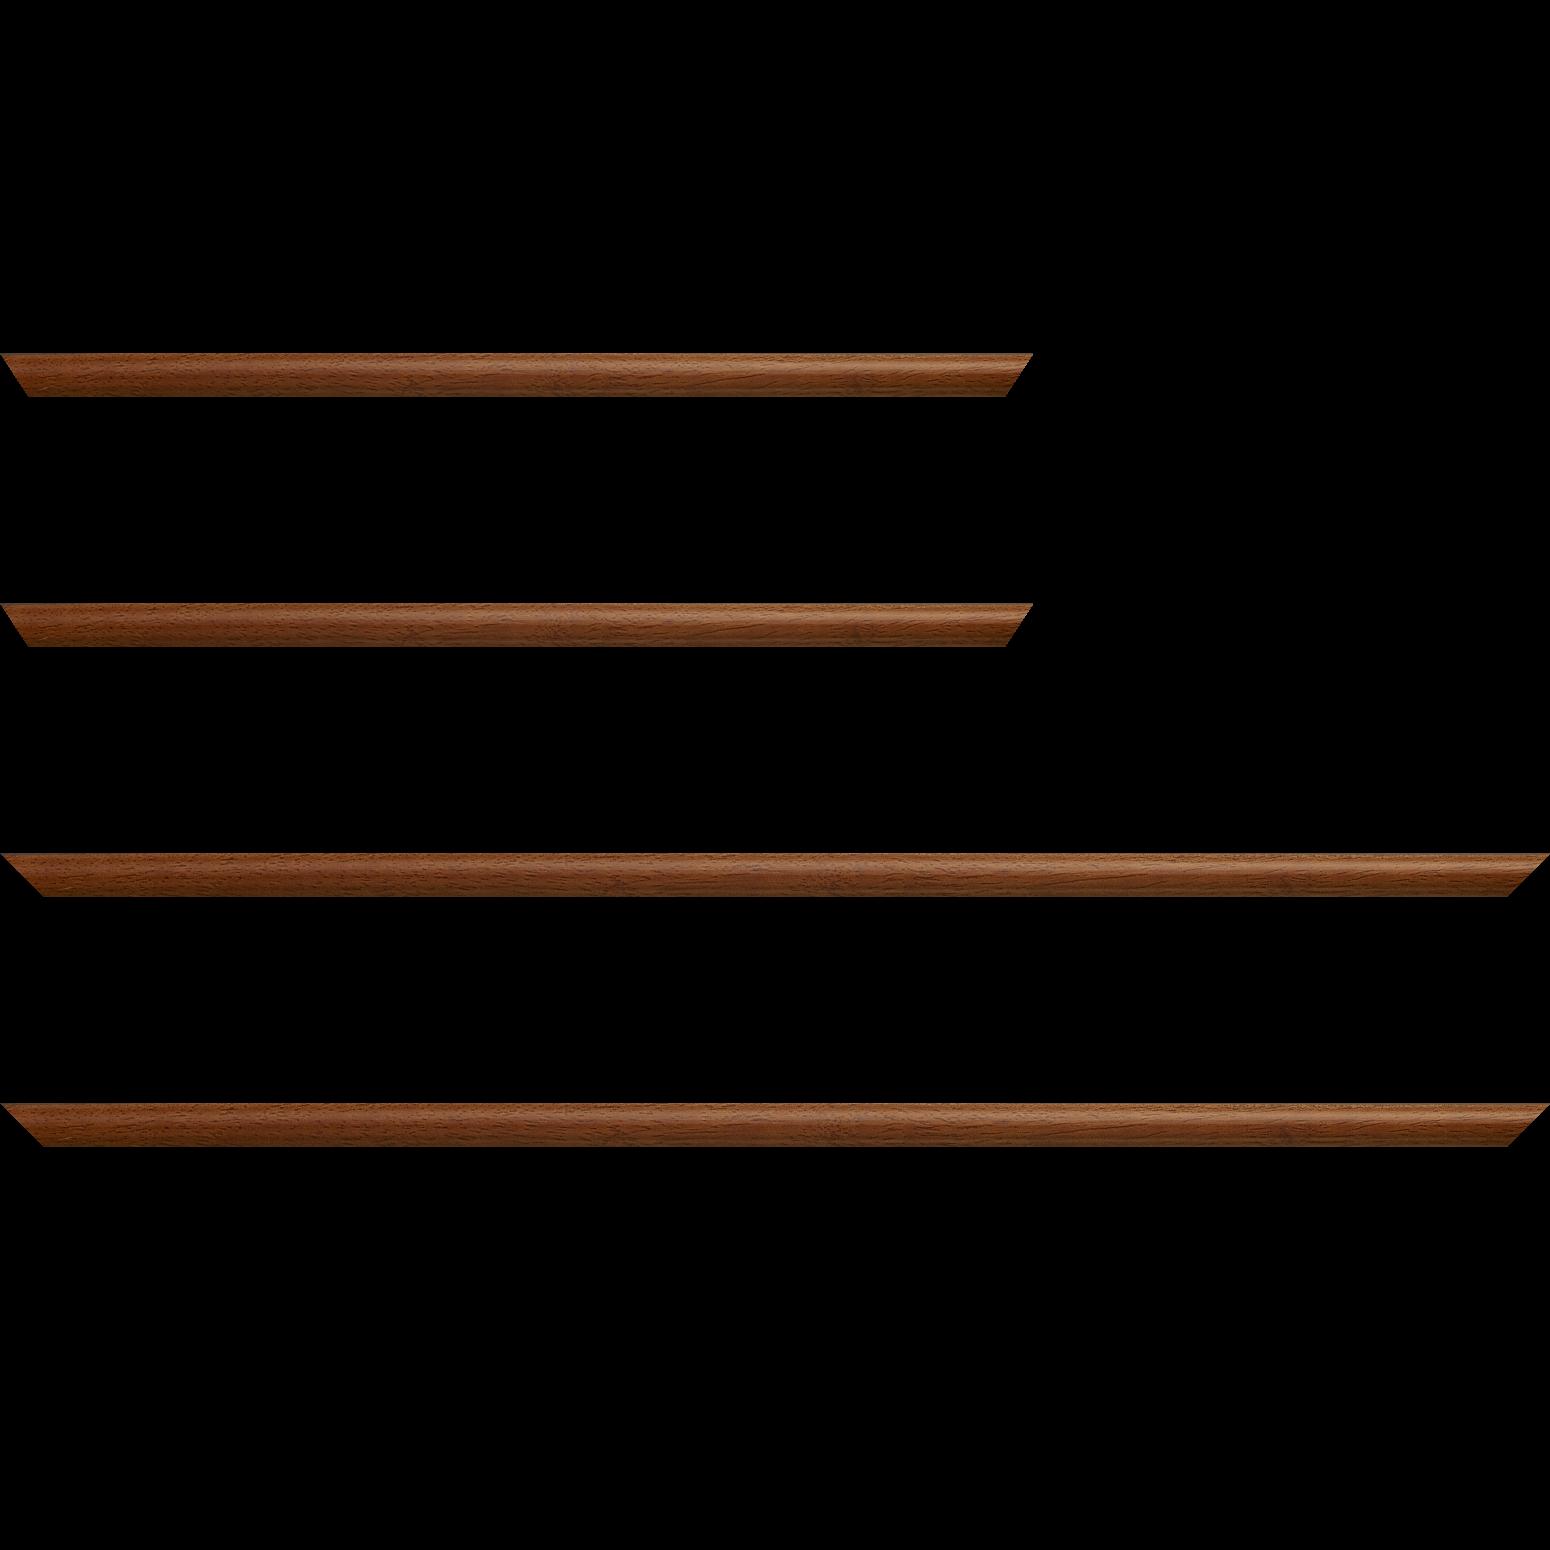 Baguette service précoupé Bois profil demi rond largeur 1.5cm couleur marron ton bois extérieur ébène